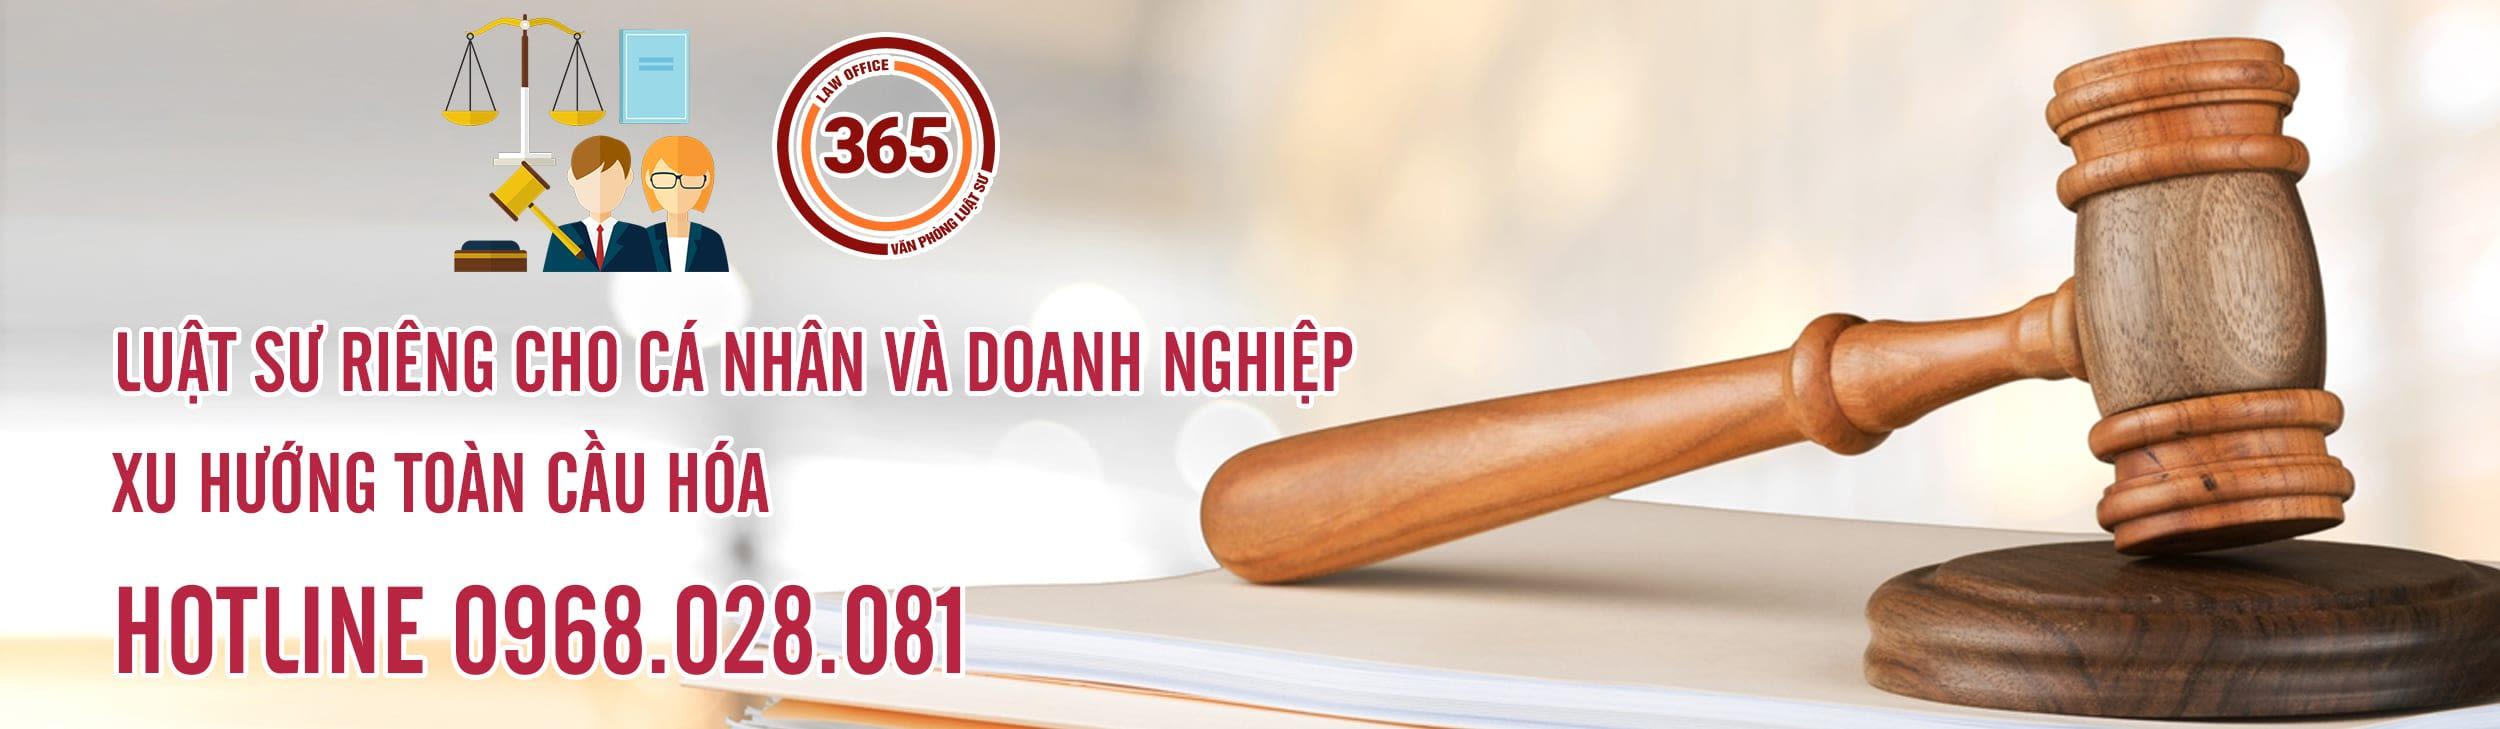 Văn phòng Luật sư 365